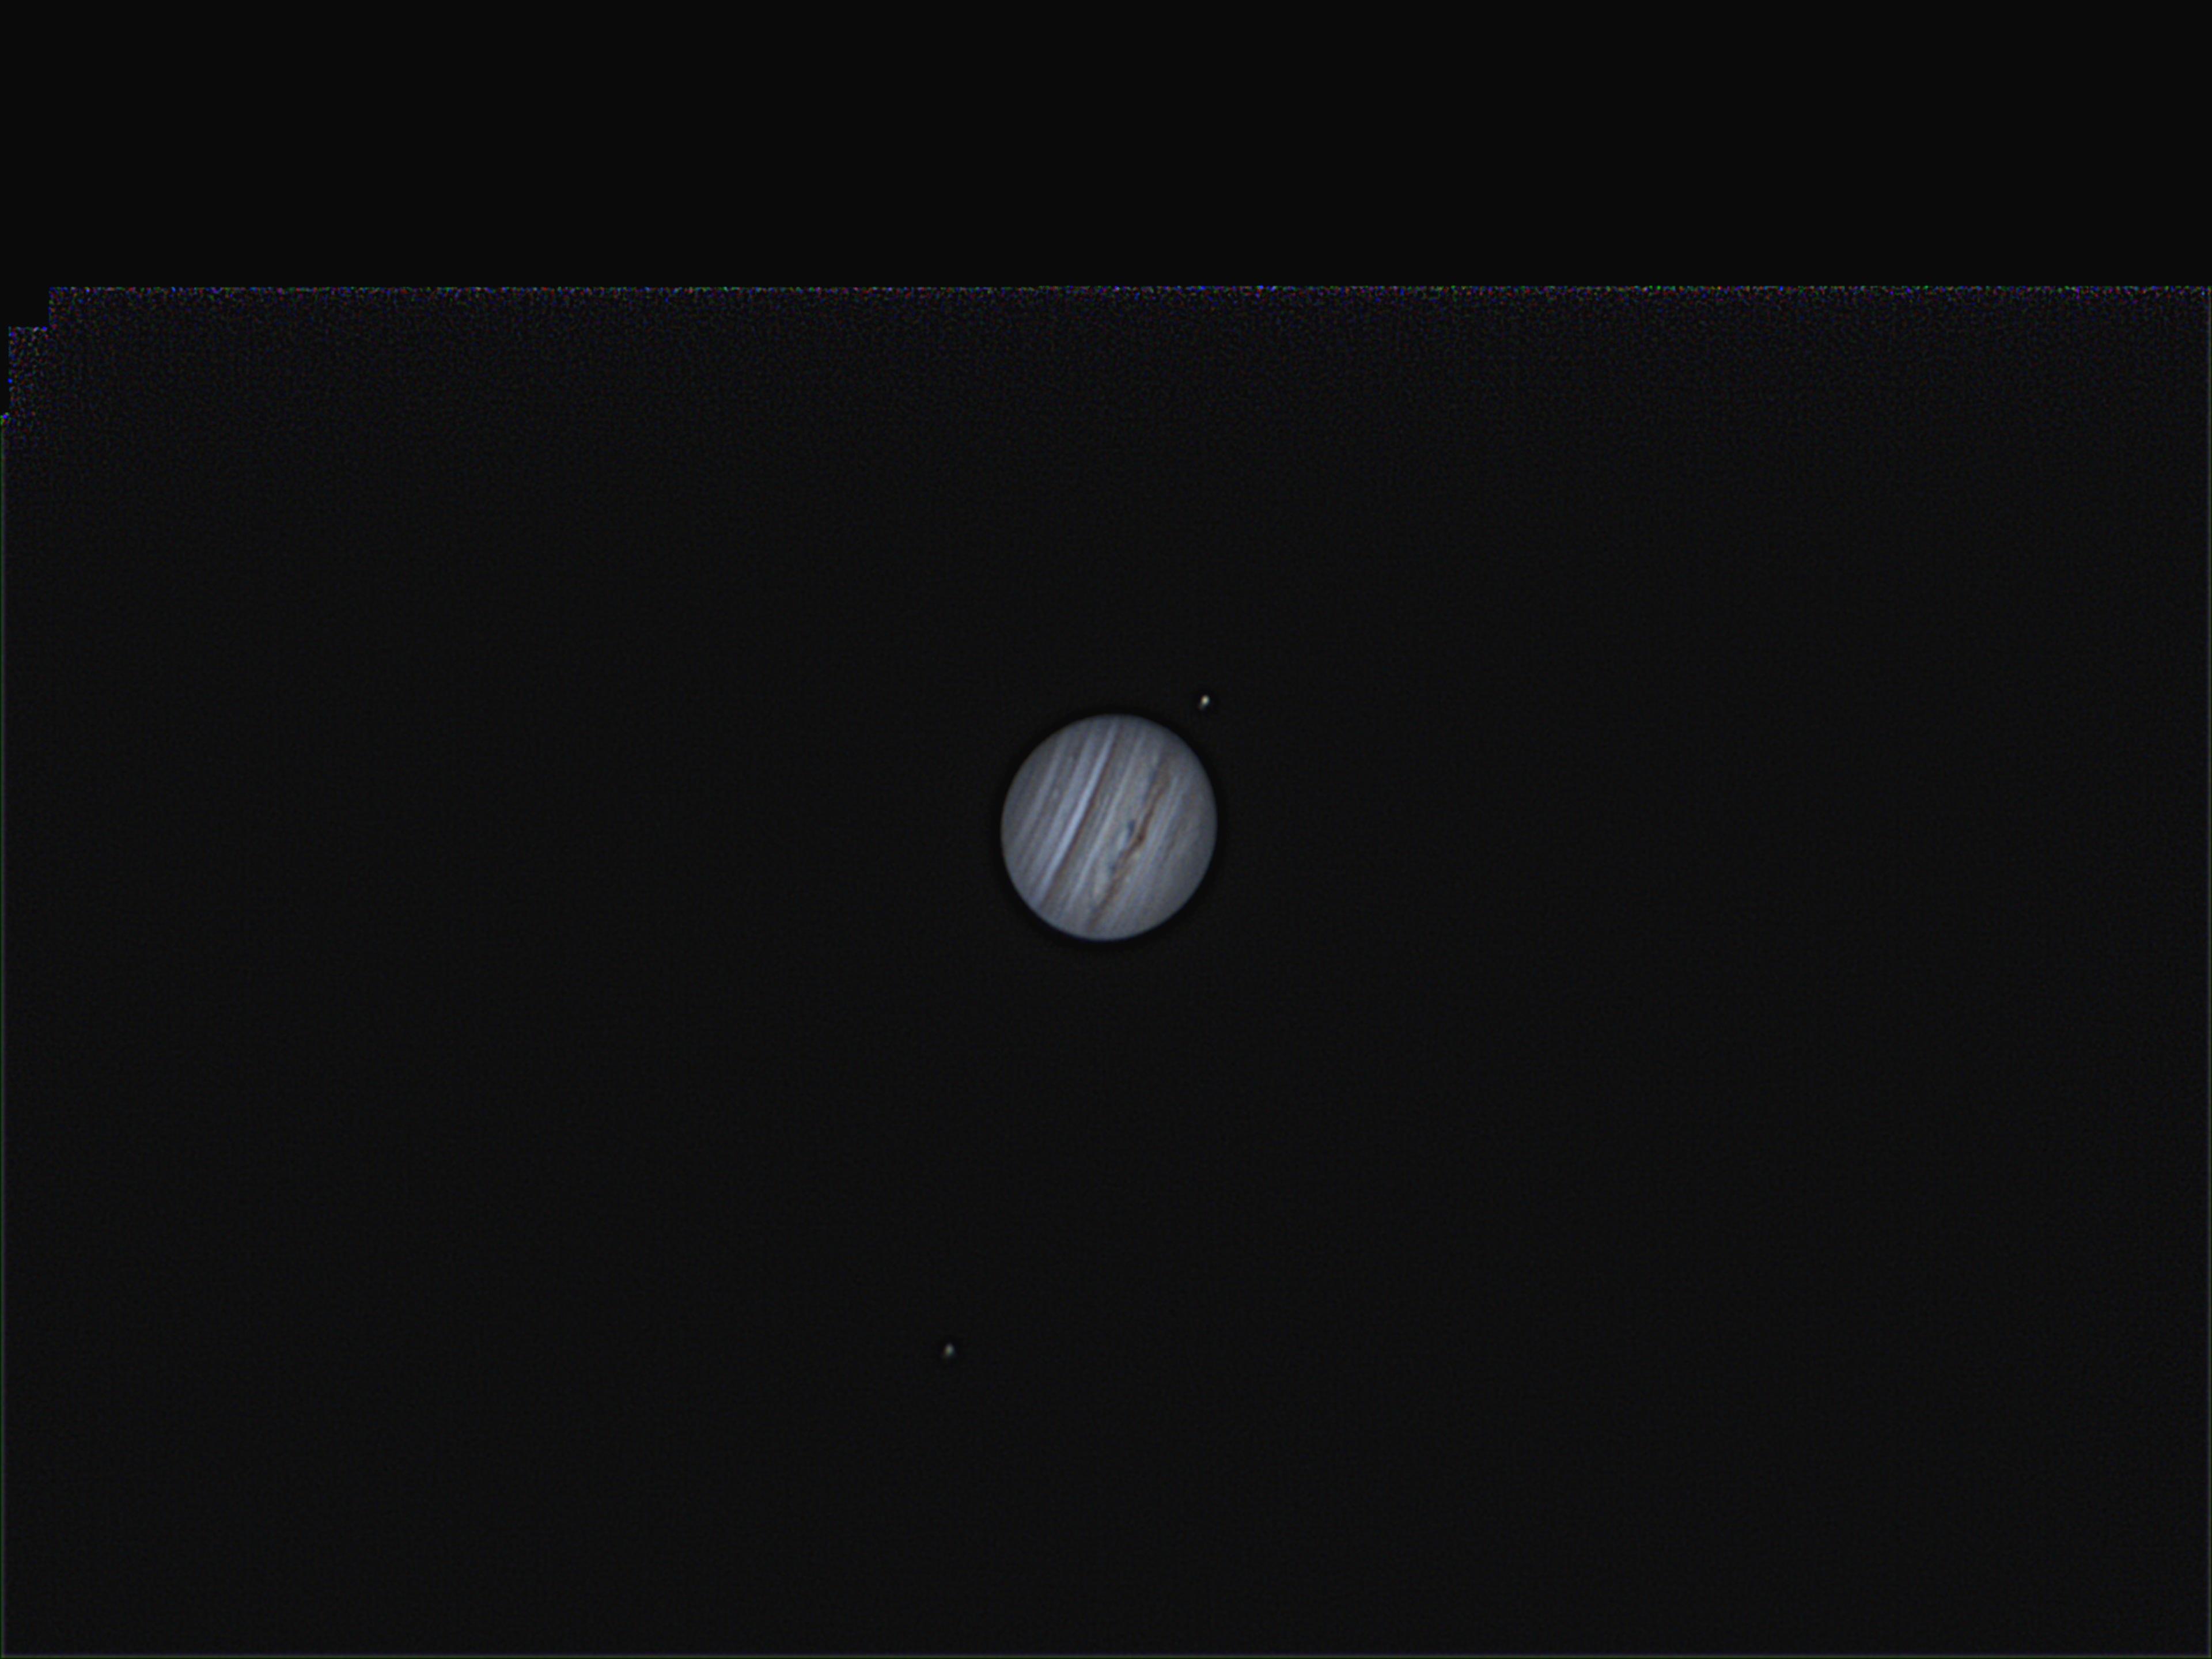 木星6.jpg